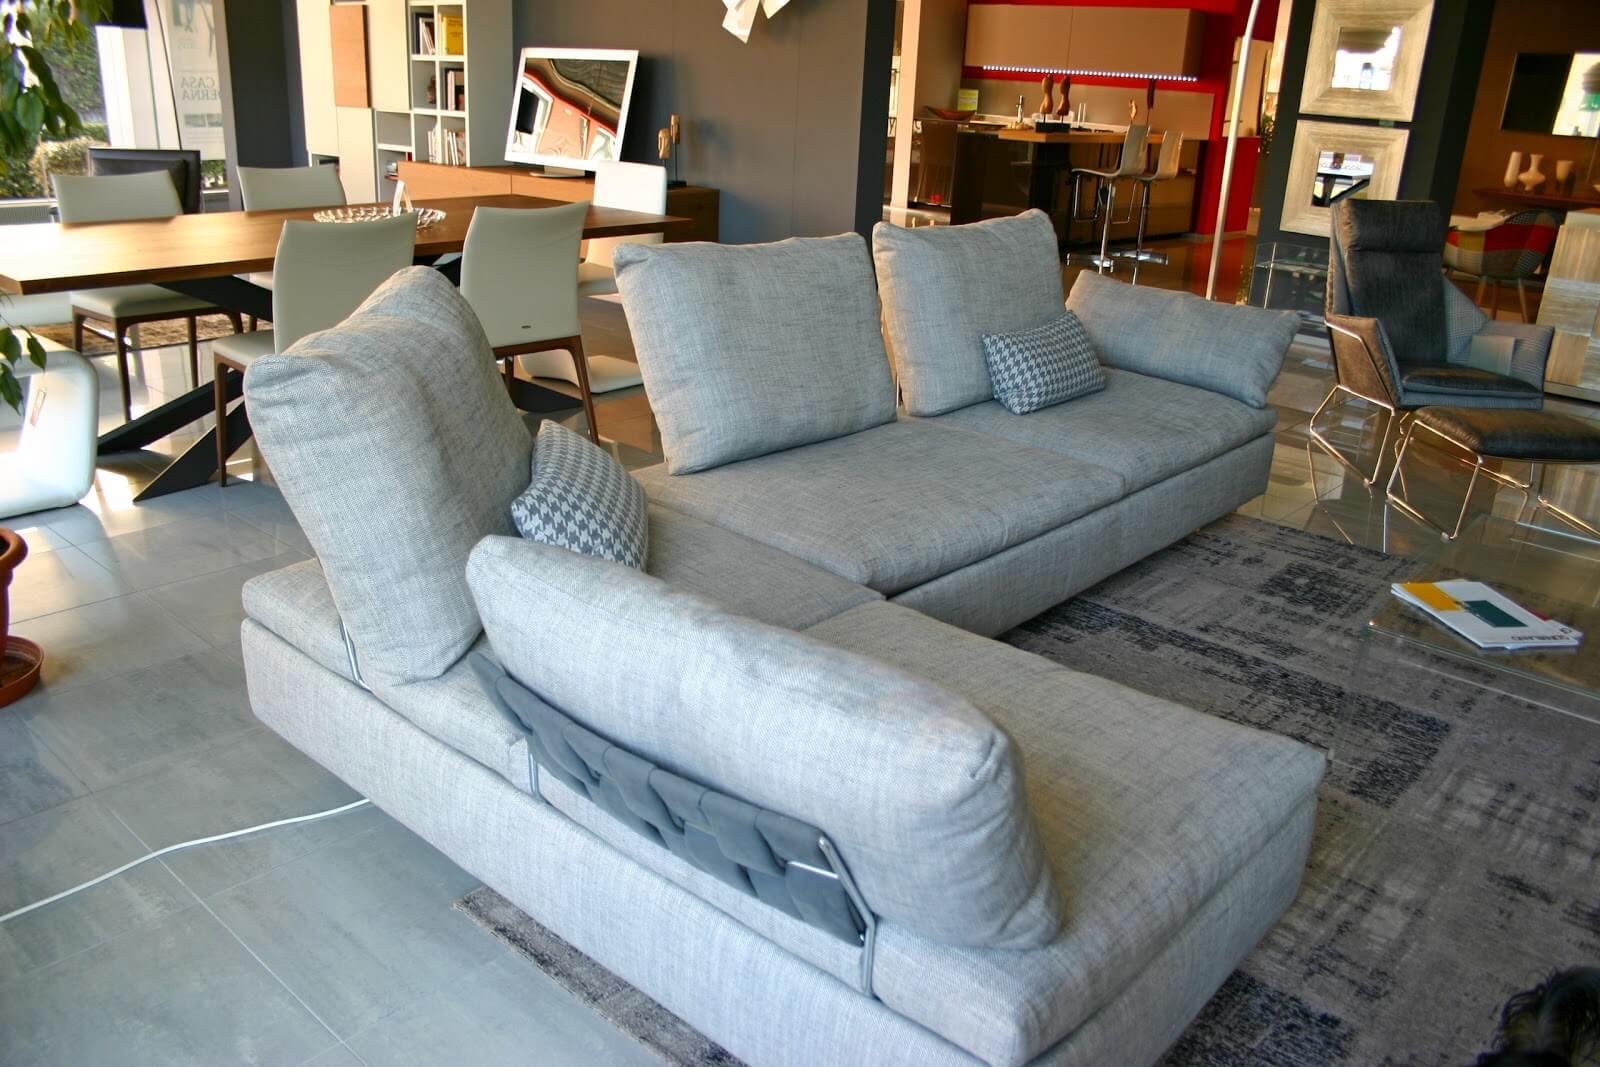 divano Limes Saba Italia in tessuto grigio visibile nella nostra esposizione di Zogno Bergamo, visto da dietro